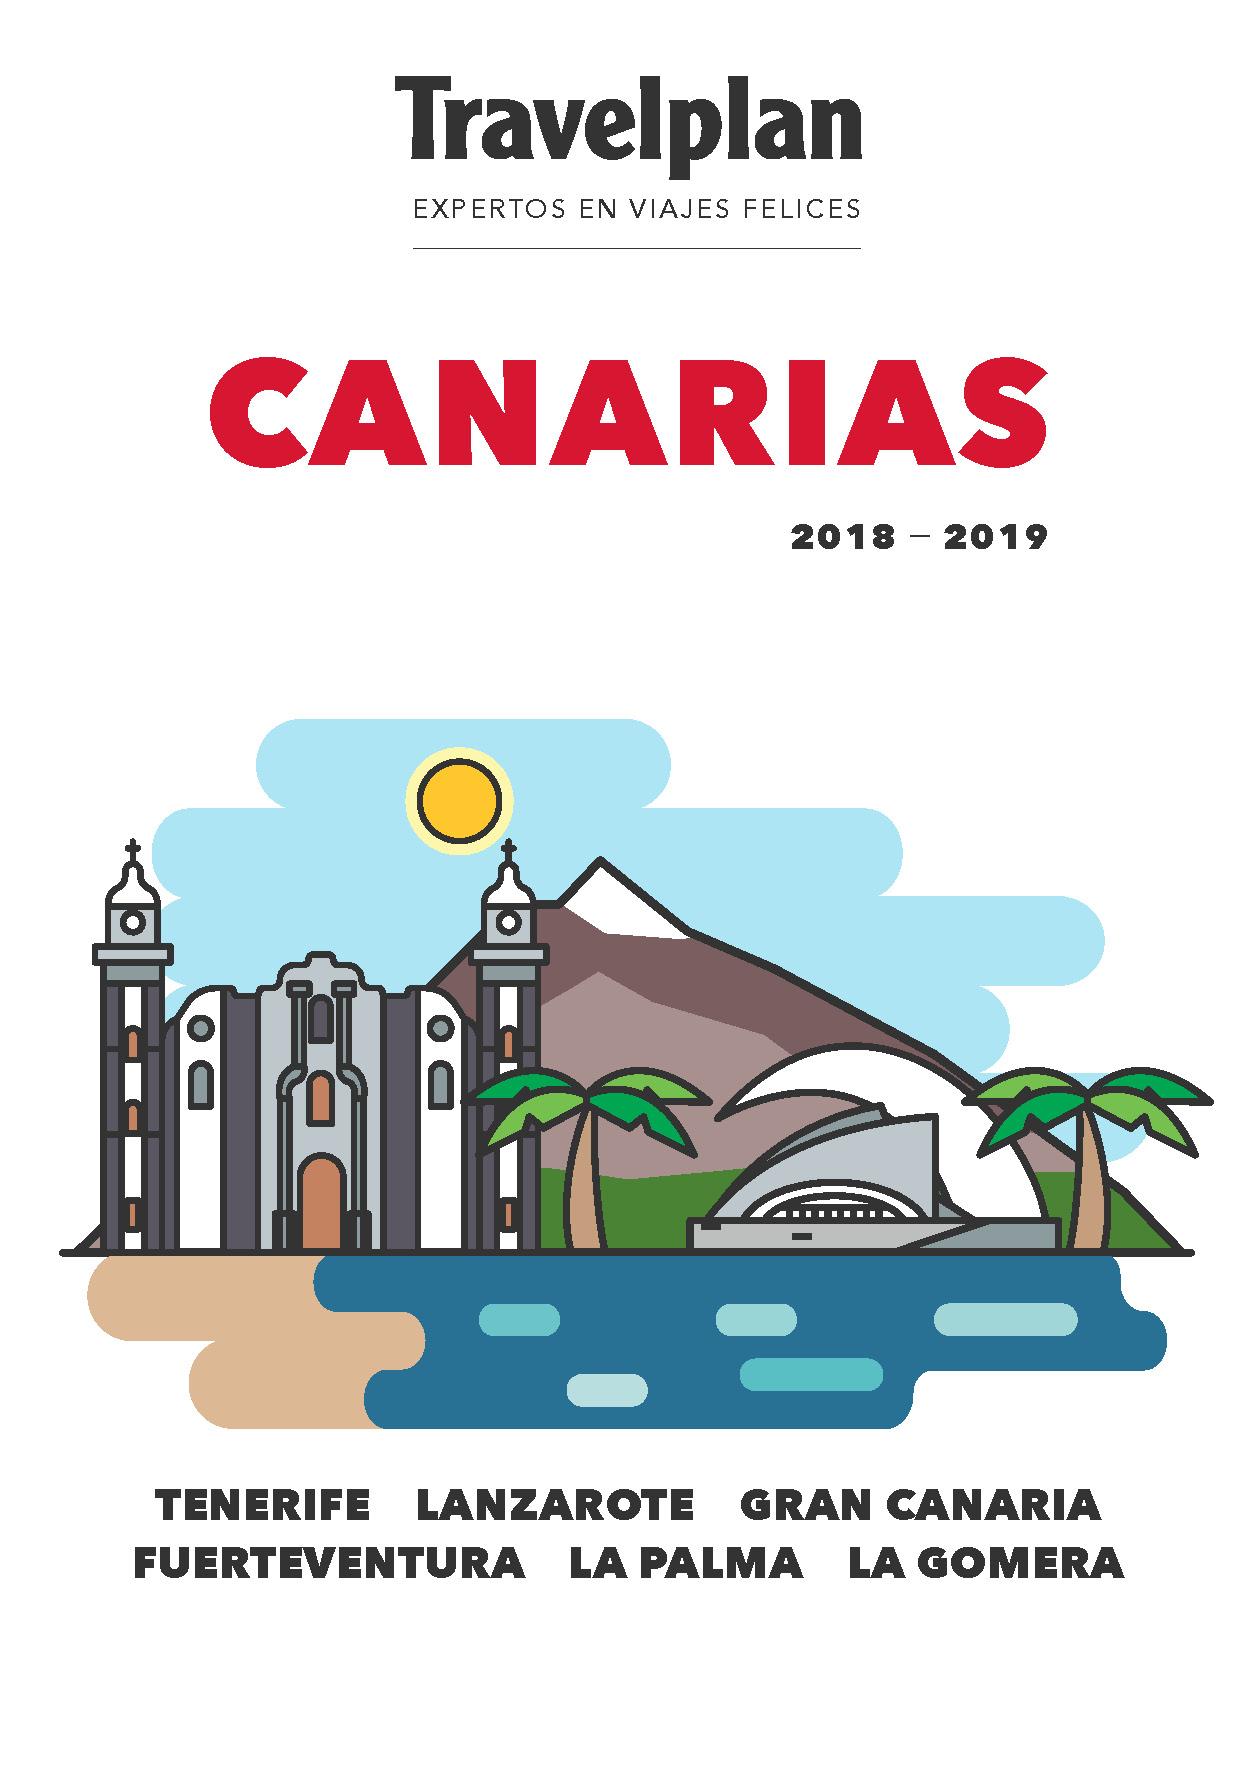 Catalogo Travelplan Canarias 2018-2019